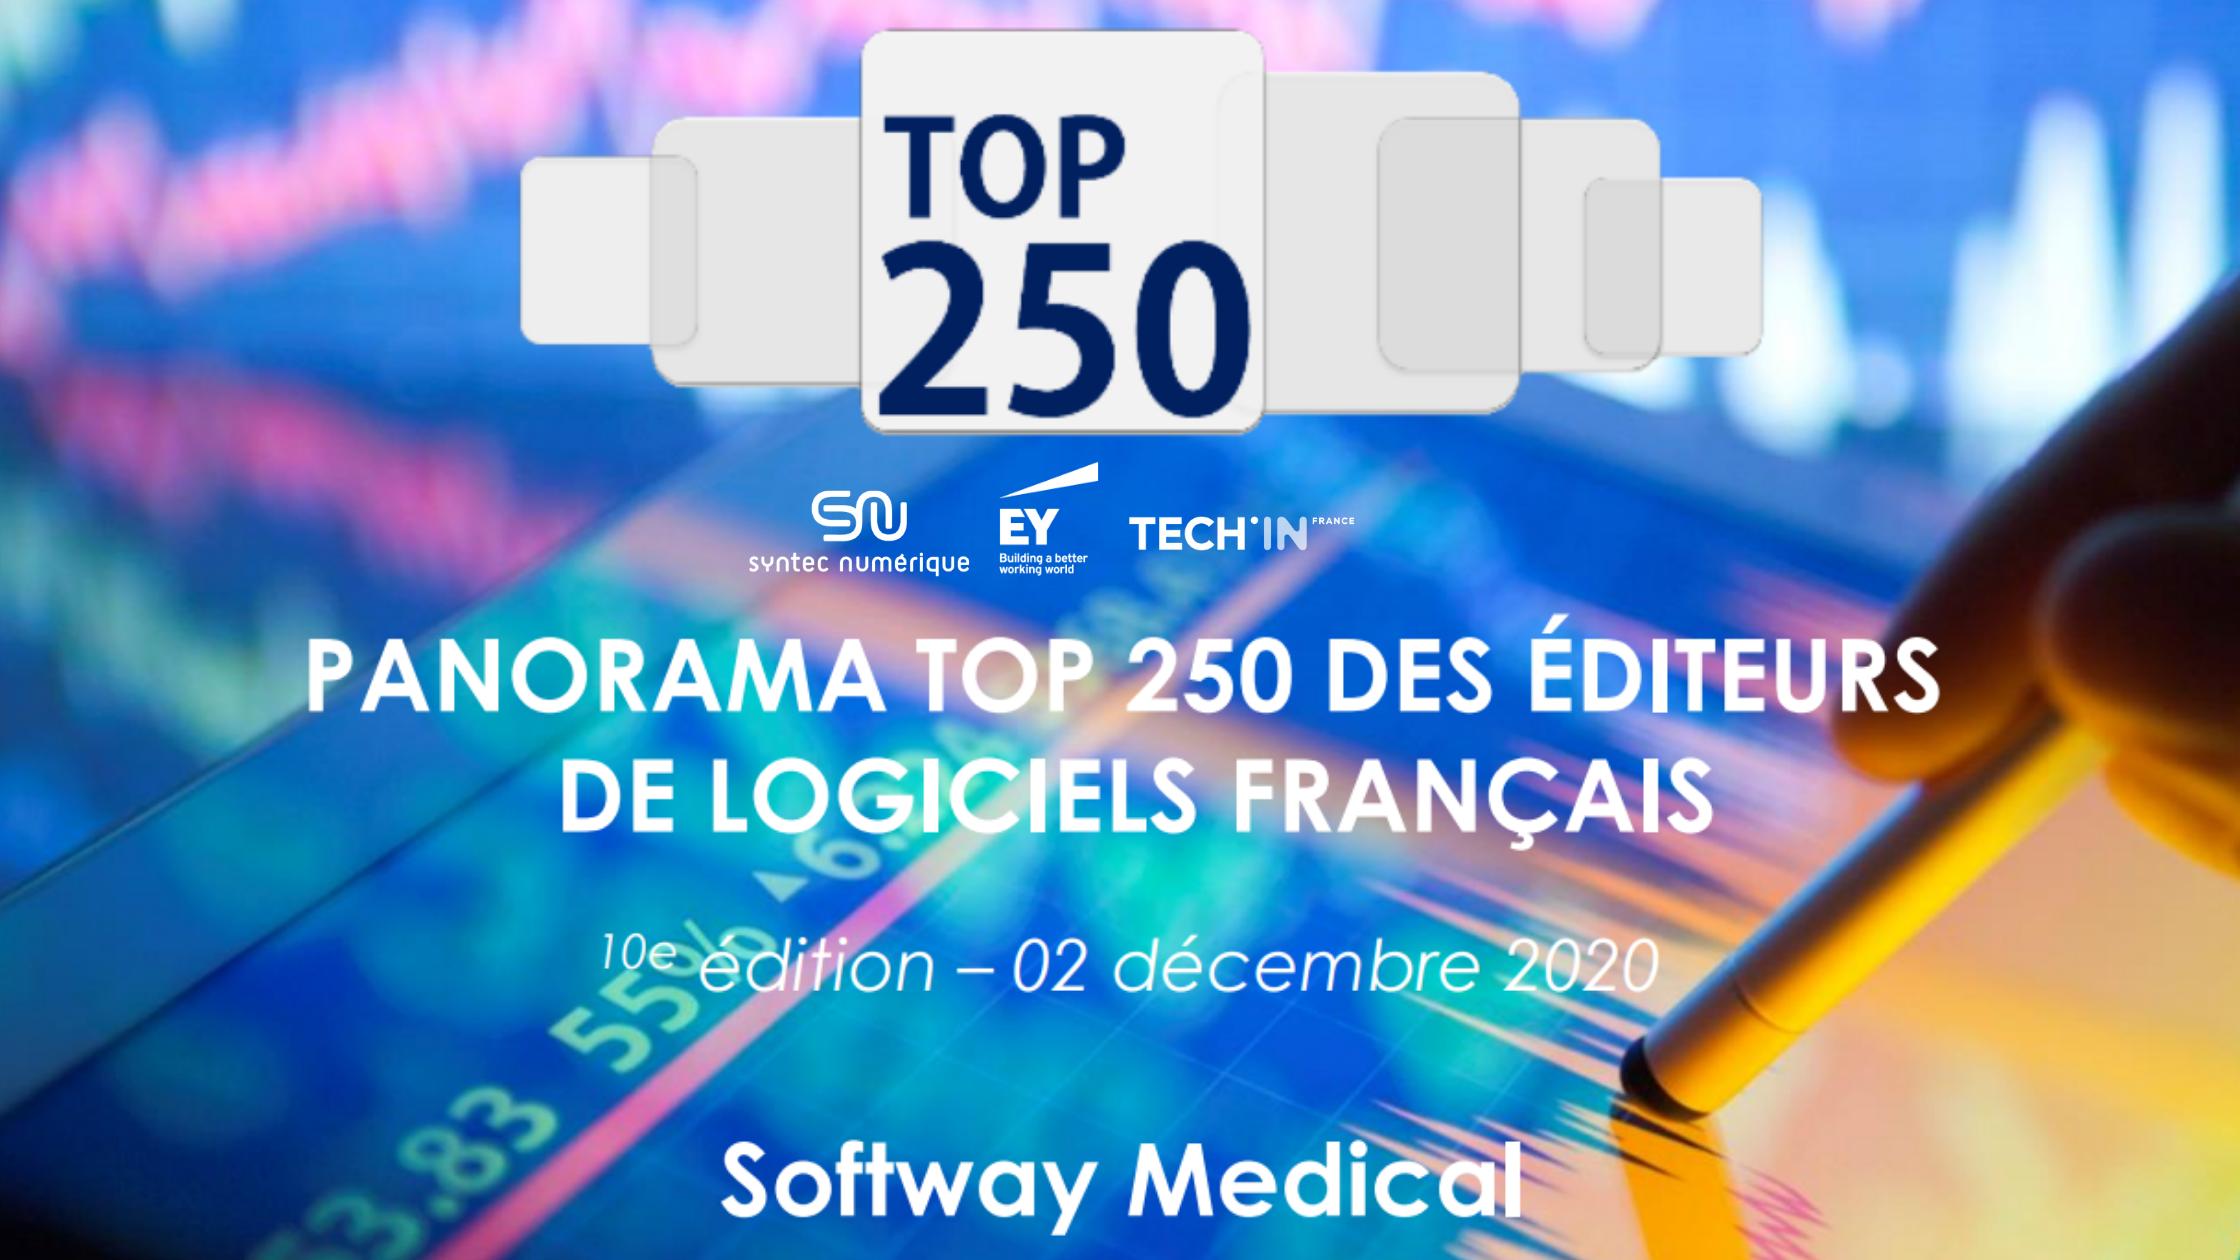 Softway Medical : une croissance dans la continuité de sa stratégie de développement !